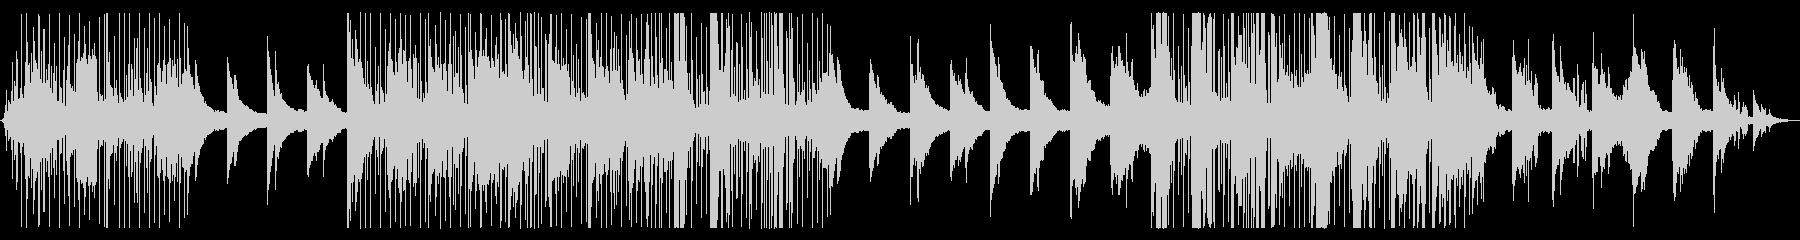 ジャズ寄りのドラムンベースの未再生の波形